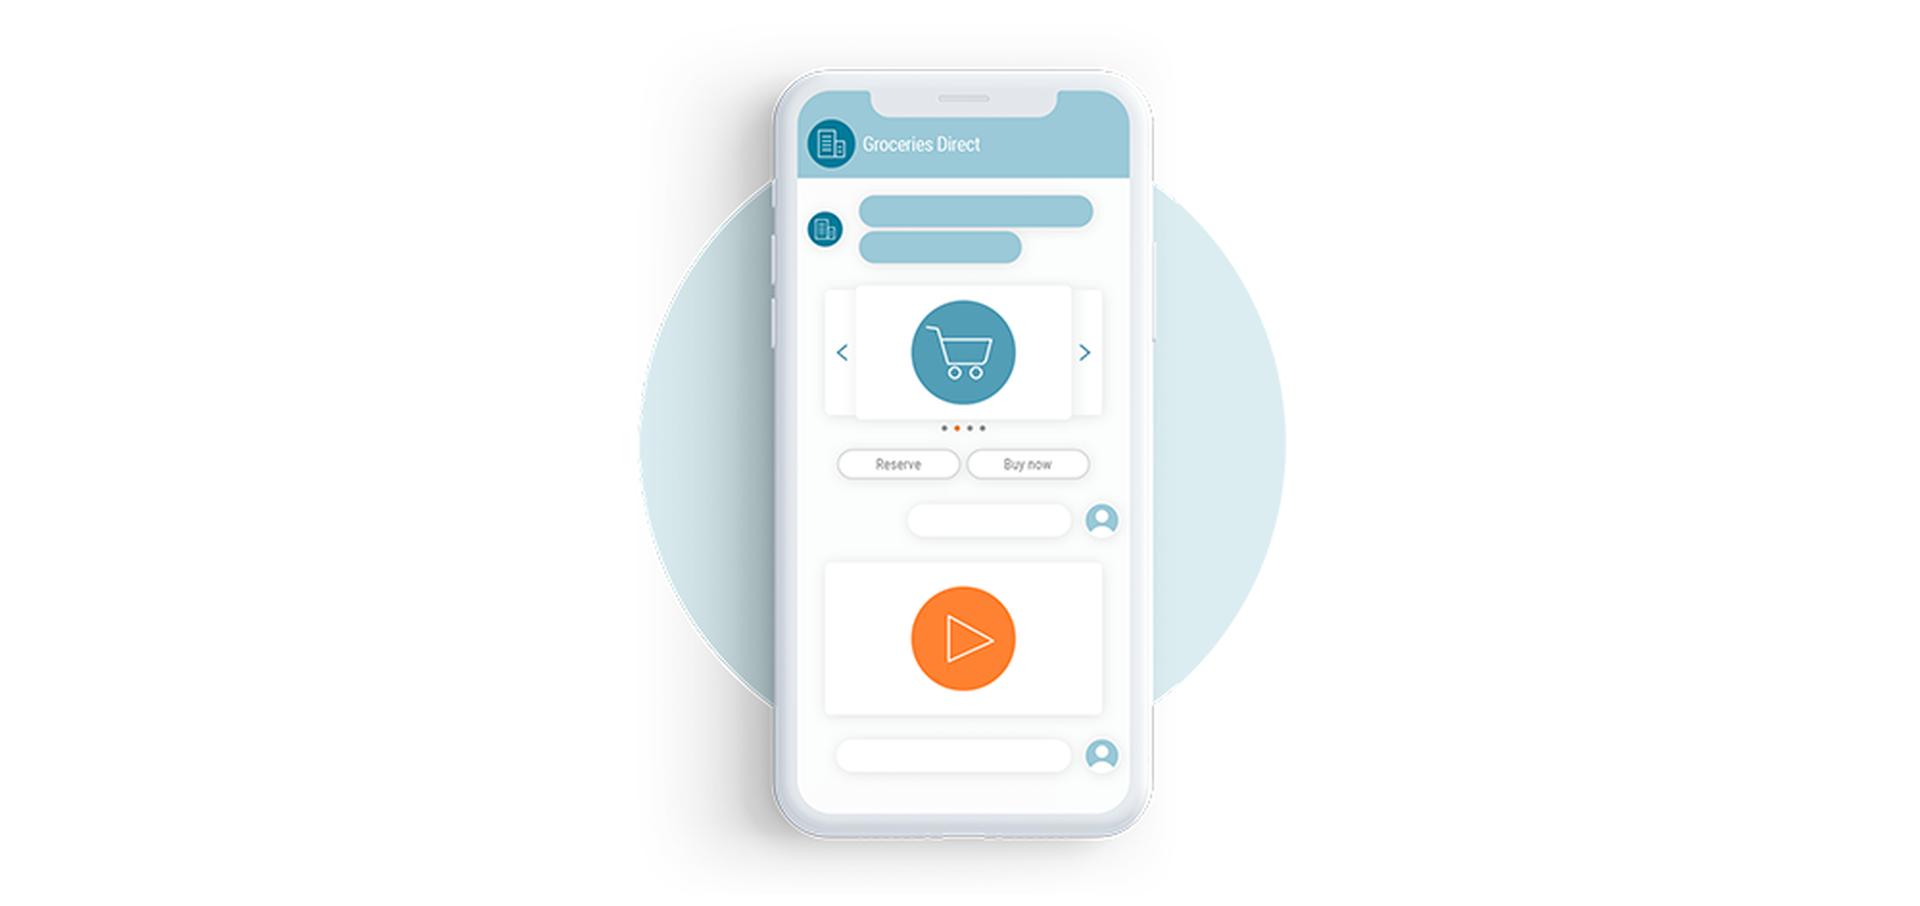 LINK Mobility - Mobile Kommunikationskanäle ermöglichen Interaktion mit Ihren Kunden